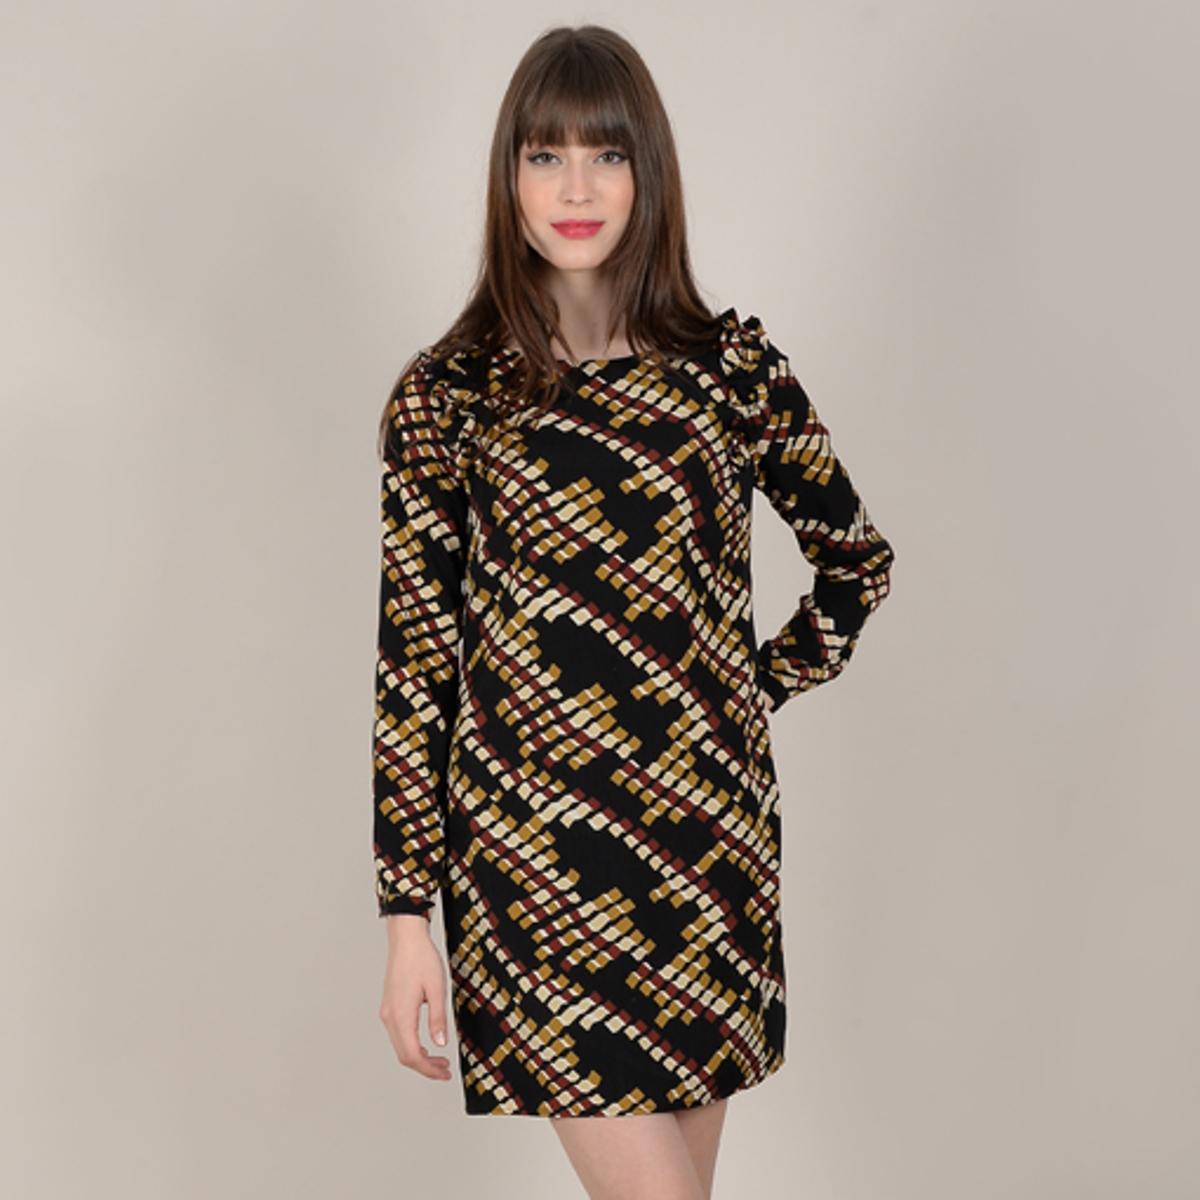 Платье La Redoute Короткое с длинными рукавами и графическим рисунком L черный платье короткое с графическим рисунком без рукавов